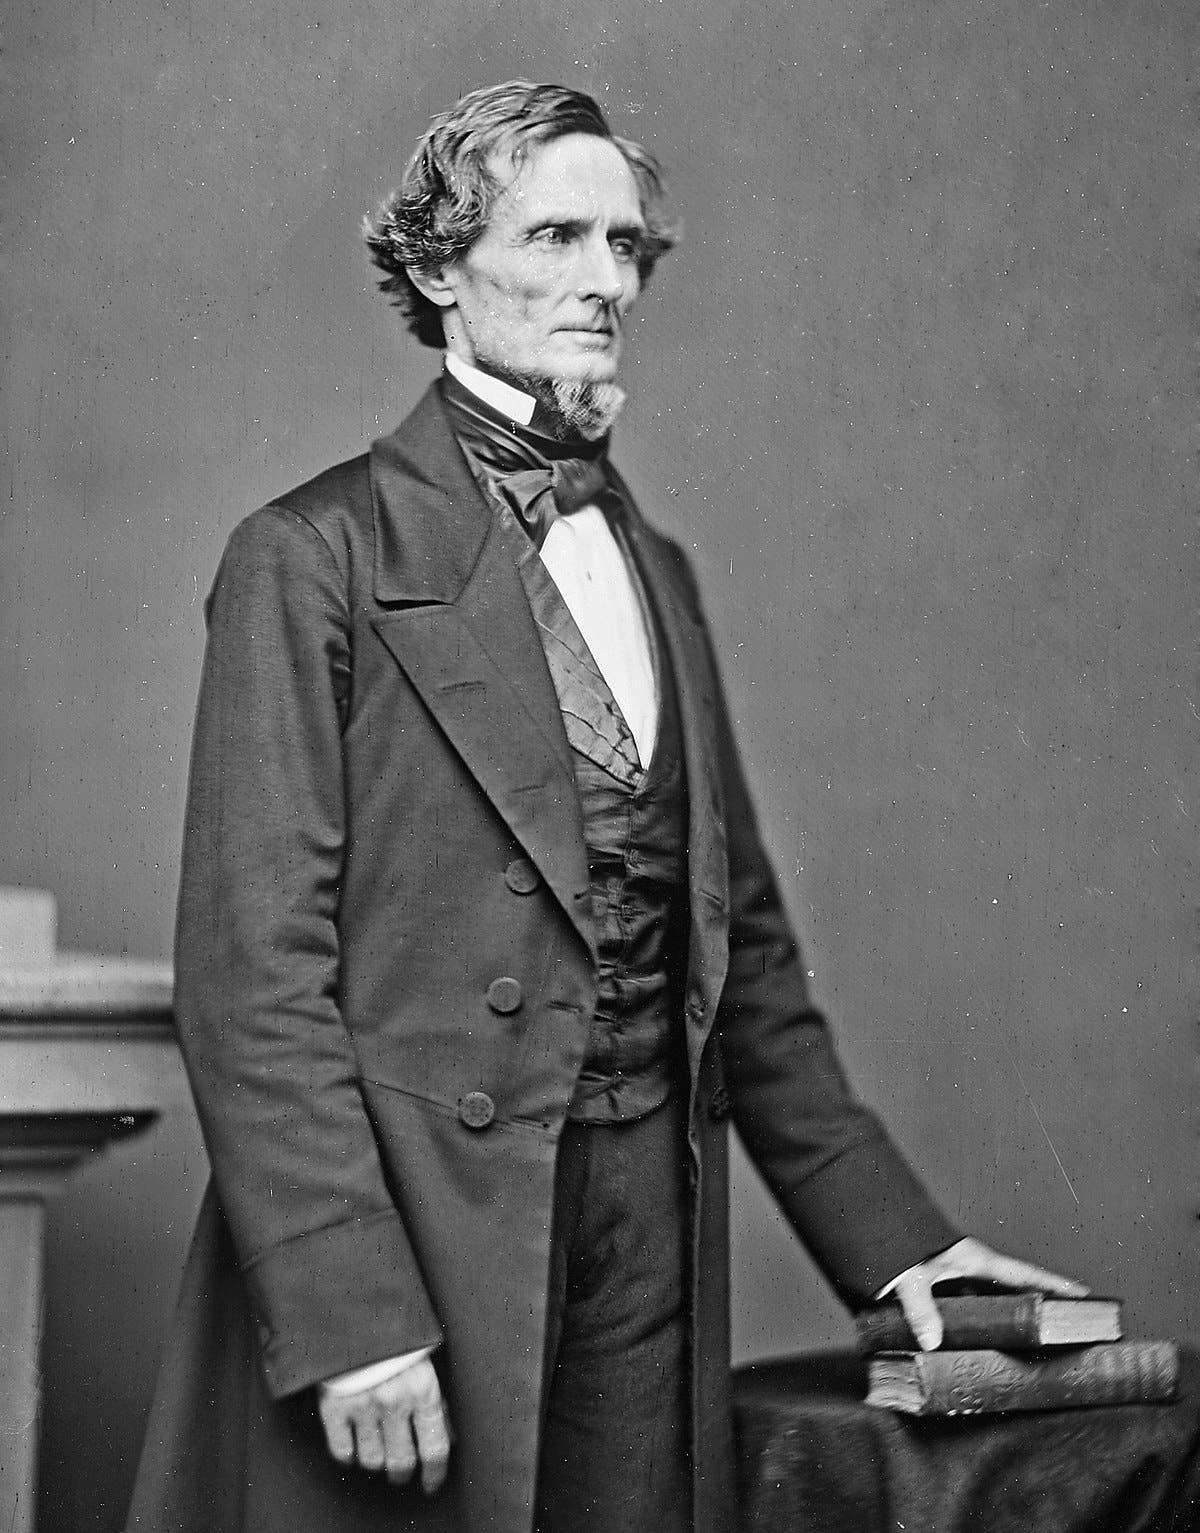 رئيس الولايات الكونفدرالية خلال الحرب الأهلية جيفرسون ديفيس